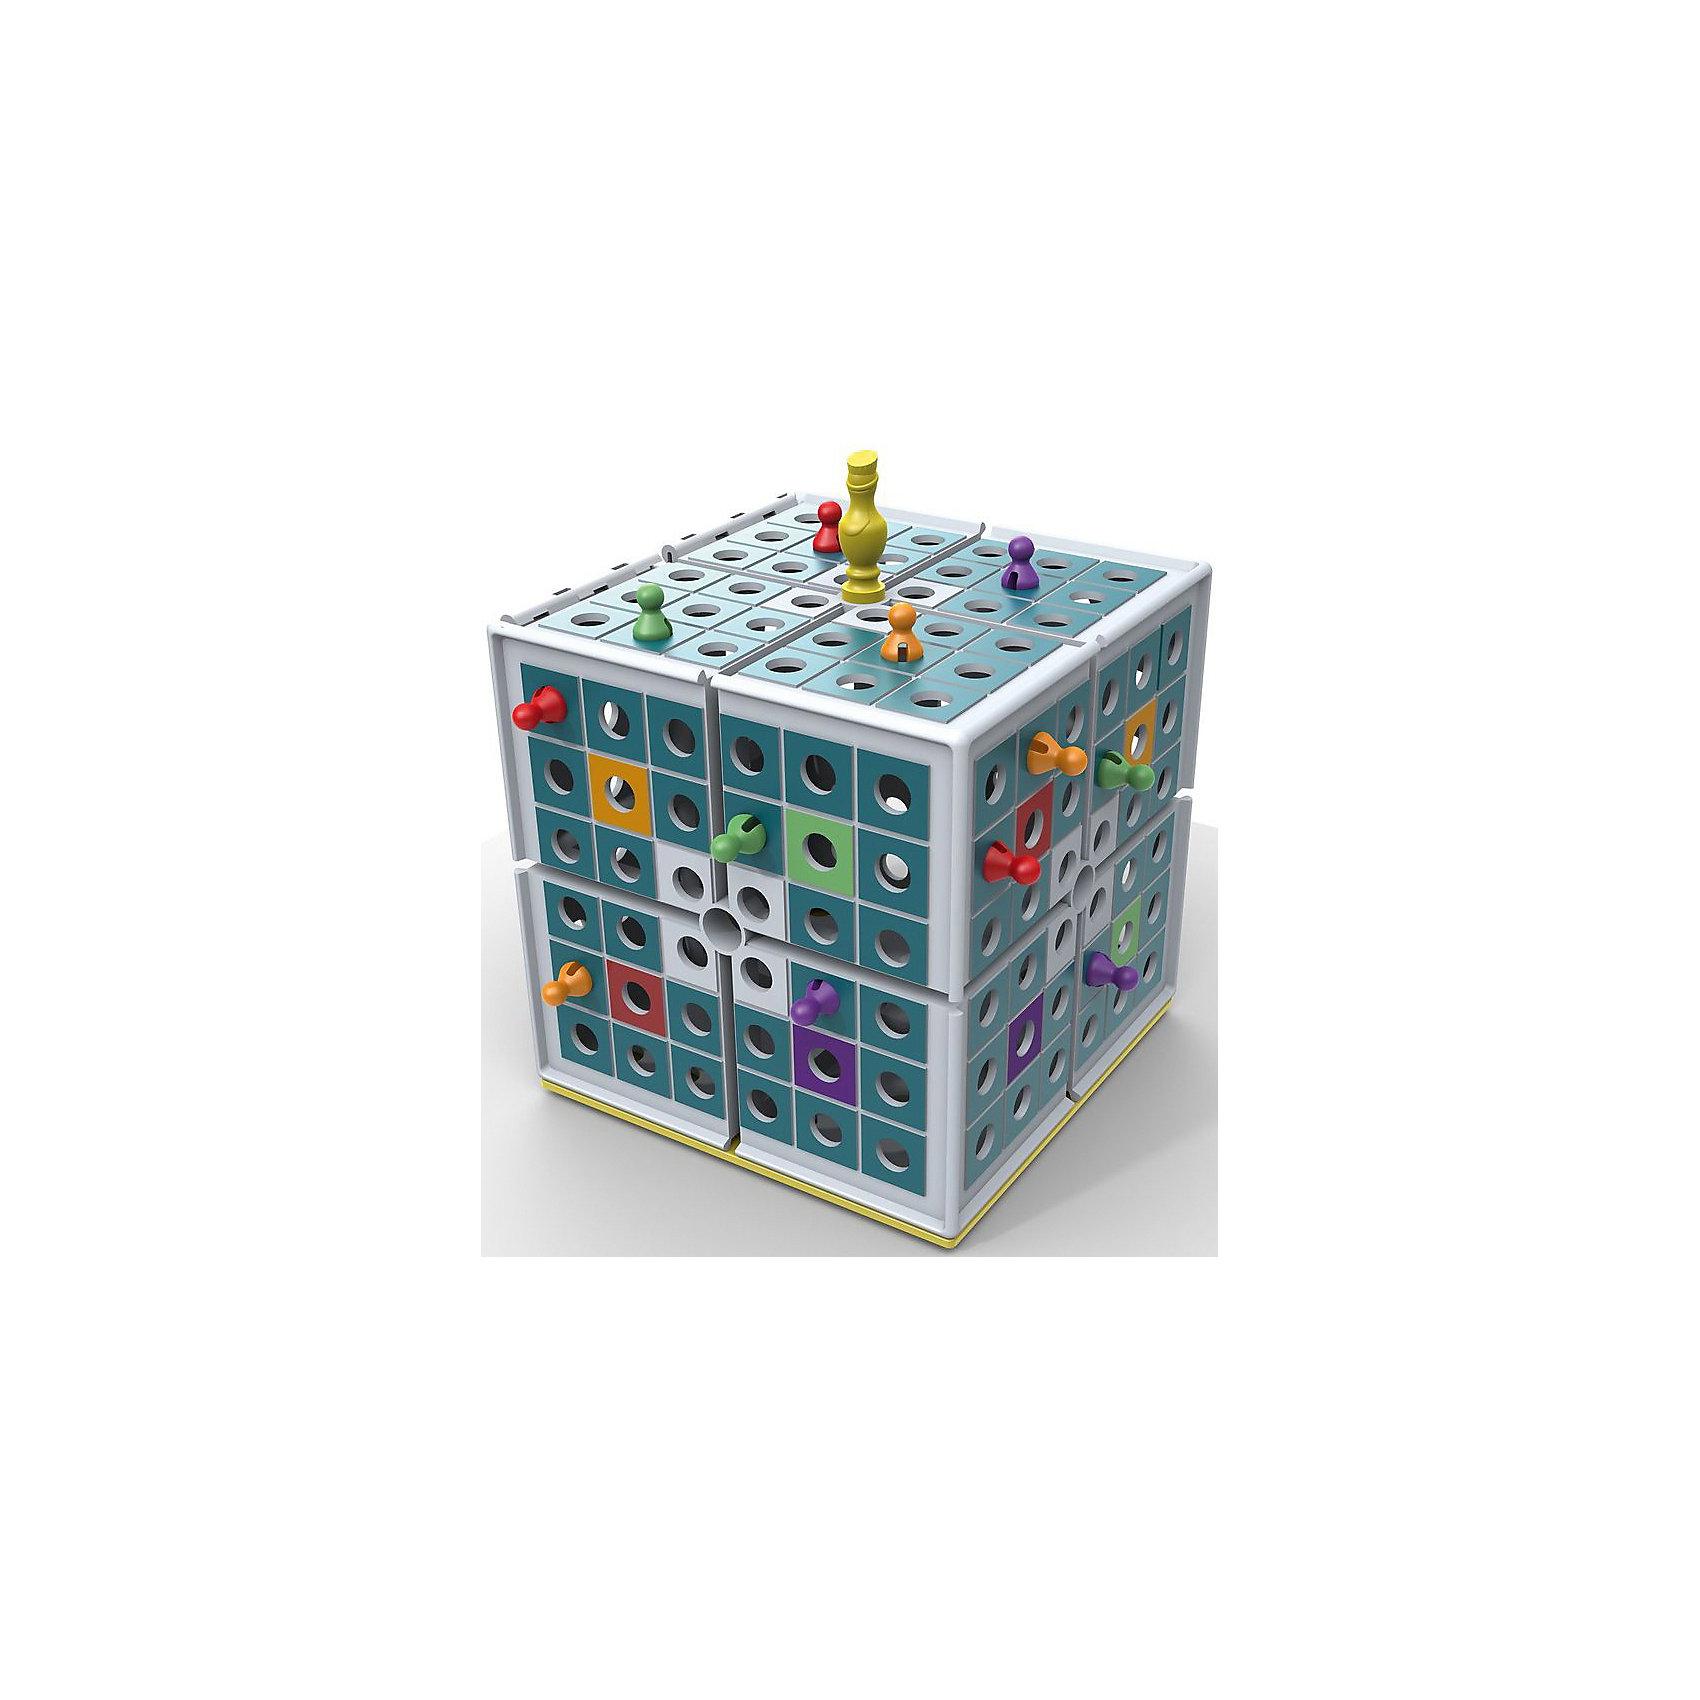 Настольная Игра Царь Куба, PlayLabНастольные игры<br>Настольная Игра Царь Куба, PlayLab<br><br>Характеристики:<br><br>- в набор входит: коврик для игры, царь-фишка, 16 фишек 4х цветов, кубик, большой куб, правила игры.<br>- материал: пластик<br>- количество игроков: 2-4 игрока<br>- время игры: 10-15 мин<br>- размер куба: 19 * 19 * 19 см. <br>- вес: 745 гр.<br><br>Время двухмерных игр и ходилок давно прошло! Немецкая компания PlayLab (ПлейЛаб) представляет игру Царь Куба, где ходить можно в трехгранном пространстве! Царь Куба разбавит привычные игры и головоломки детей. Задача игрока – кидать кубик и передвигаться по полю, загнав фишки остальных игроков в центр куба. Куб можно и перевернуть, чтобы поместить сразу всех в центр куба. Фишки и детали игры можно хранить в большом кубе. Яркая и интересная игрушка поможет развить логическое мышление, внимание, моторику и терпение. Царь Куба упакован в фирменную стильную коробку. <br>Настольную Игру Царь Куба, PlayLab (ПлейЛаб) можно купить в нашем интернет-магазине.<br><br>Ширина мм: 200<br>Глубина мм: 200<br>Высота мм: 200<br>Вес г: 800<br>Возраст от месяцев: 48<br>Возраст до месяцев: 2147483647<br>Пол: Унисекс<br>Возраст: Детский<br>SKU: 5191421